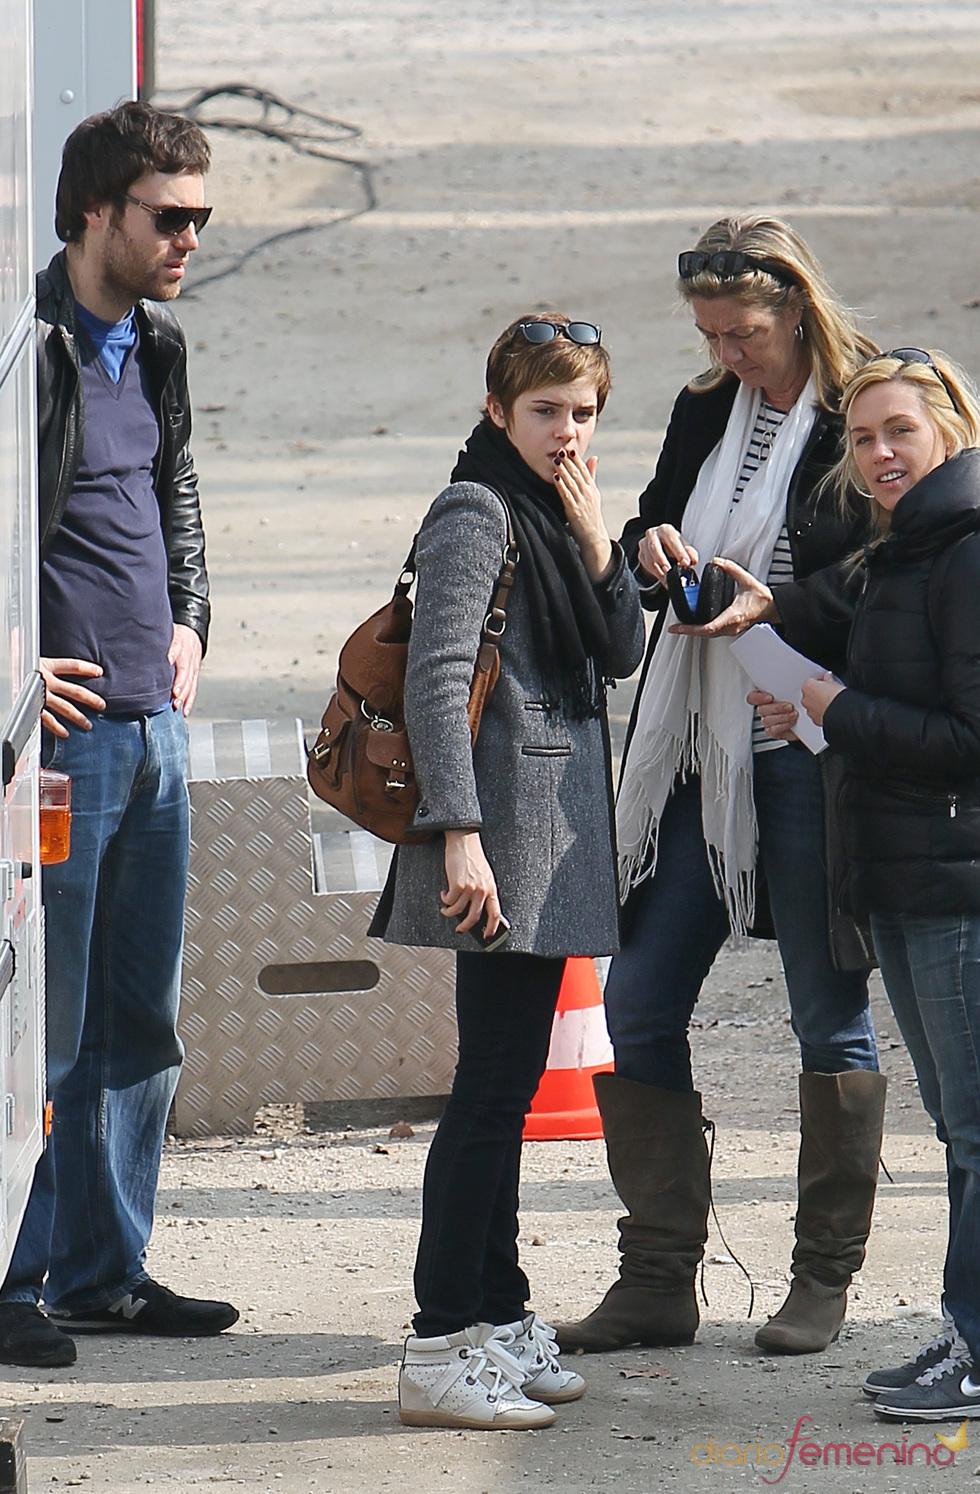 Emma Watson enssaya para el anuncio de Lancome